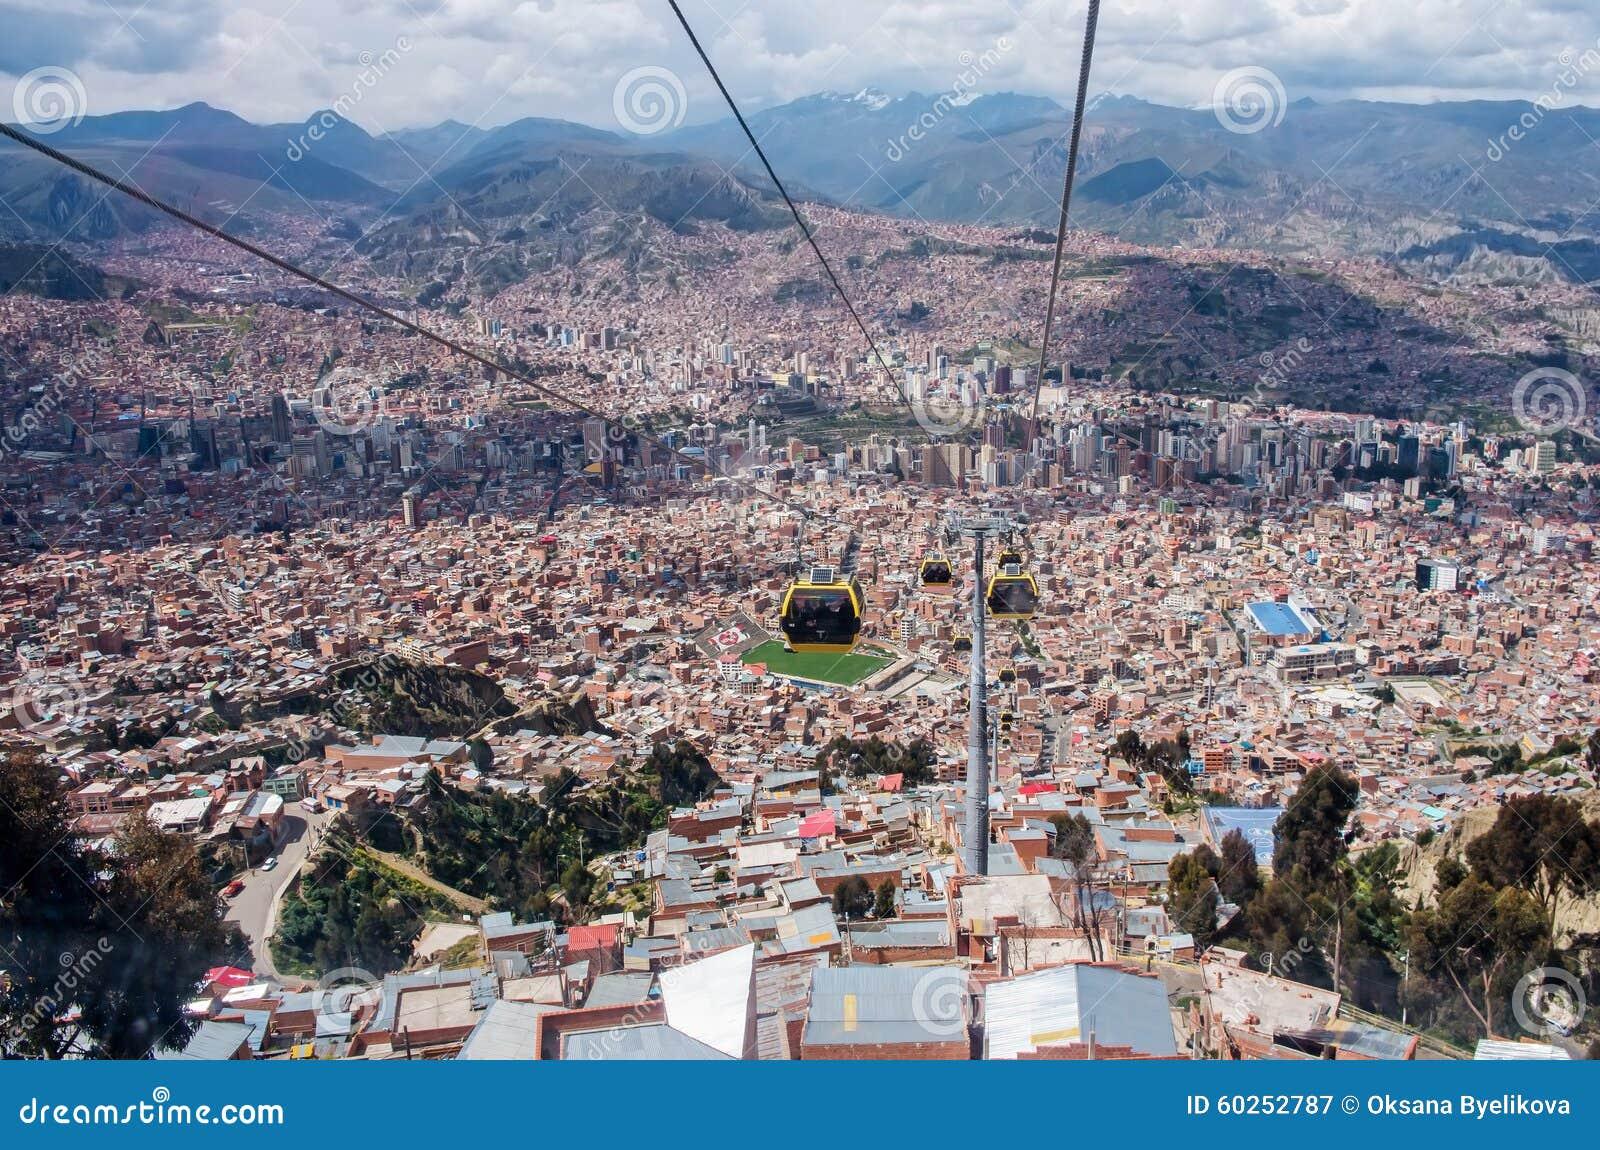 Cabine di funivia in la paz bolivia fotografia editoriale for Cabine vicino montagna di sangue